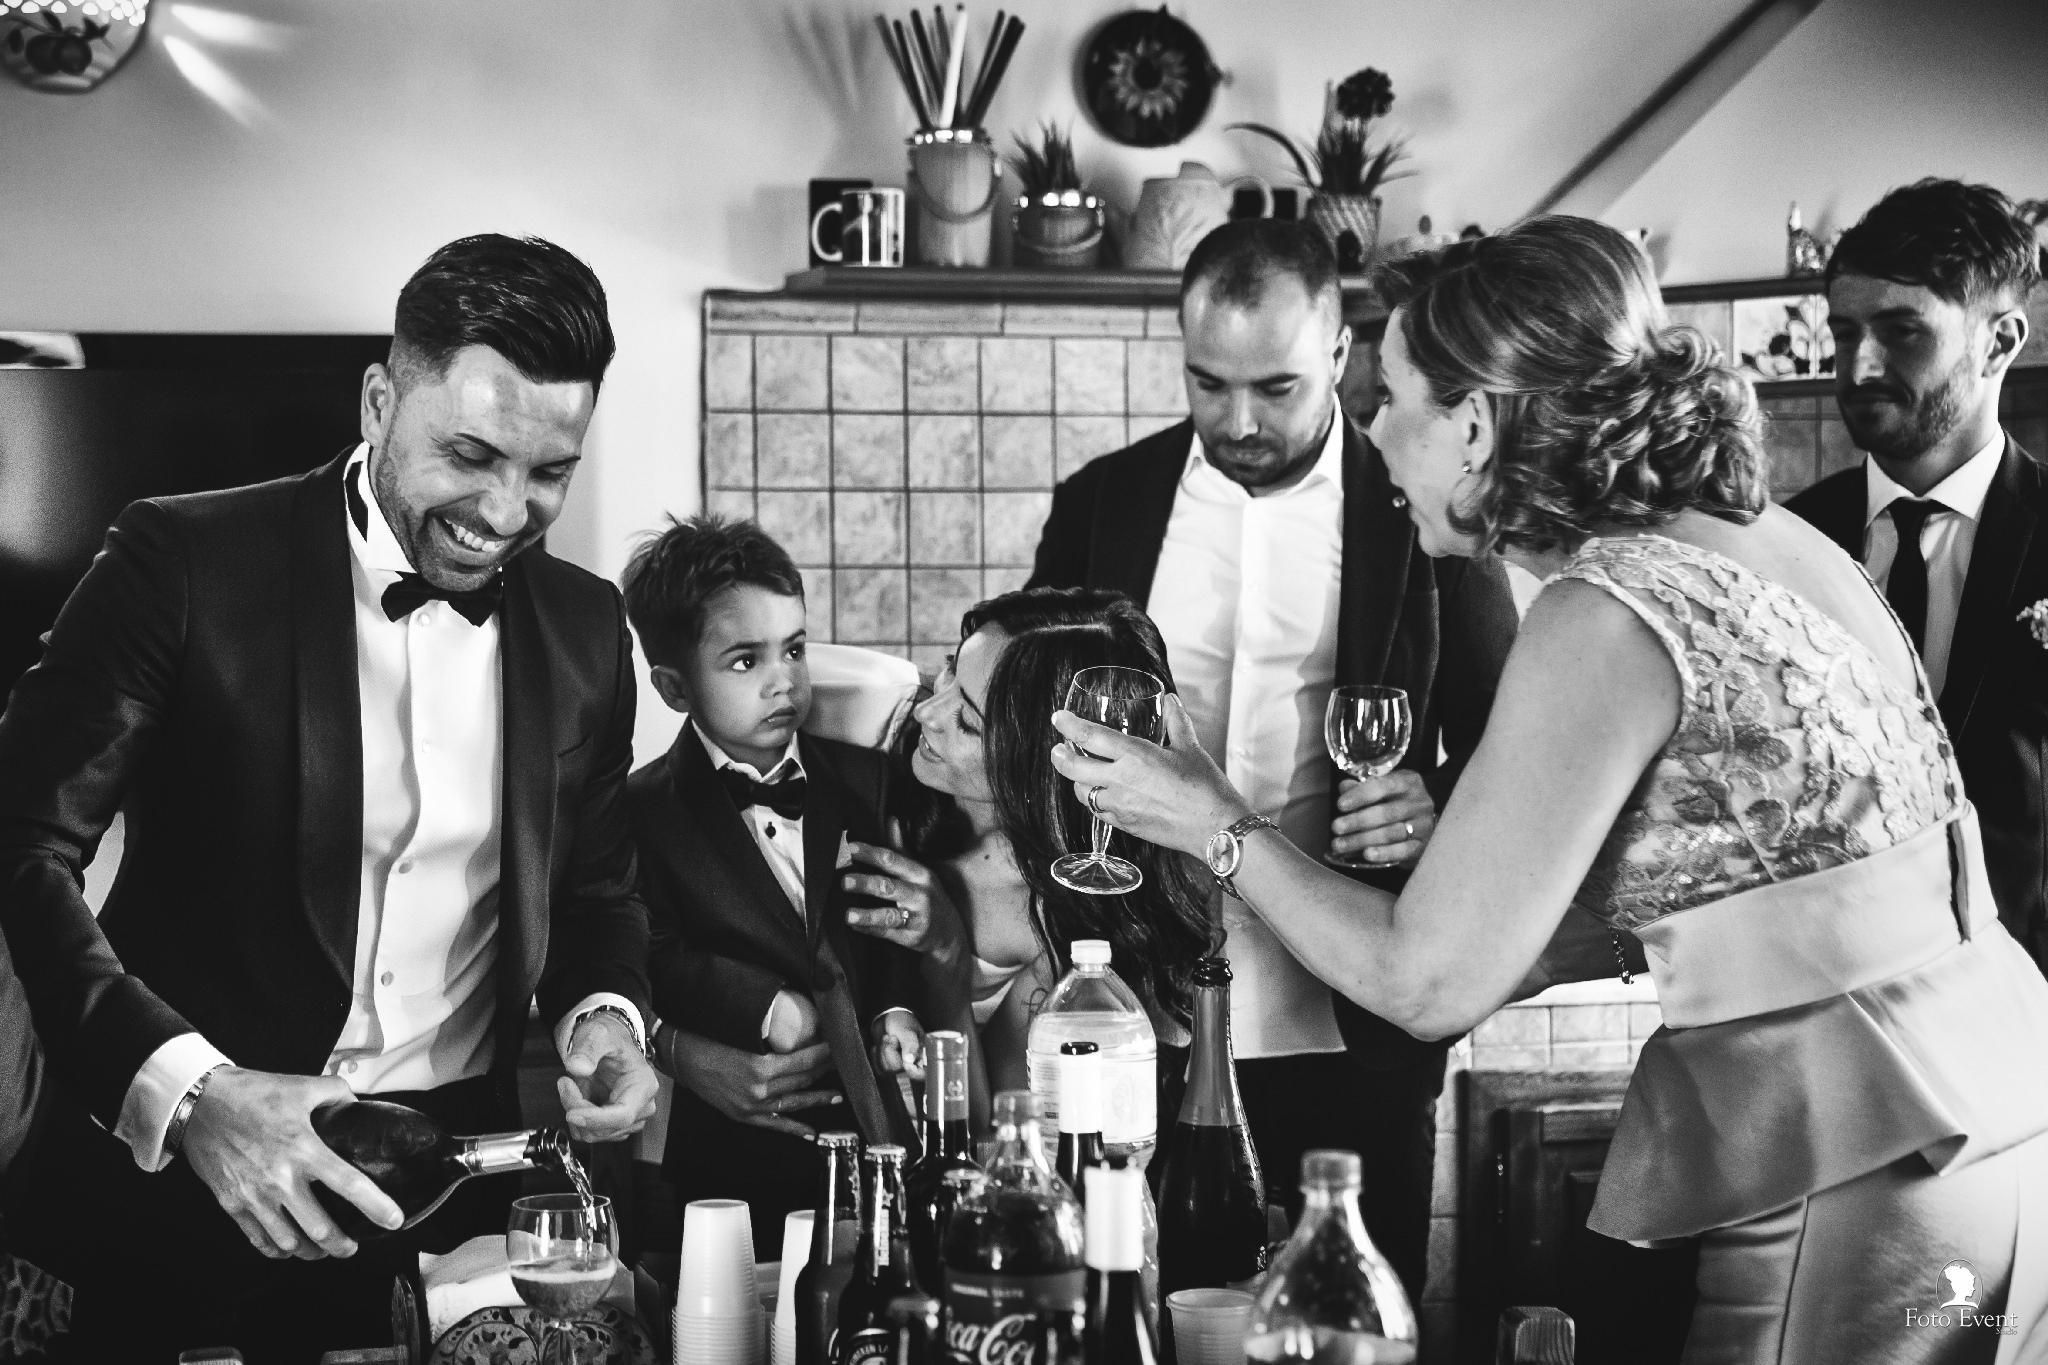 093-2019-05-09-Matrimonio-Maria-Concetta-e-Daniel-Gebbia-5DE-243-Edit